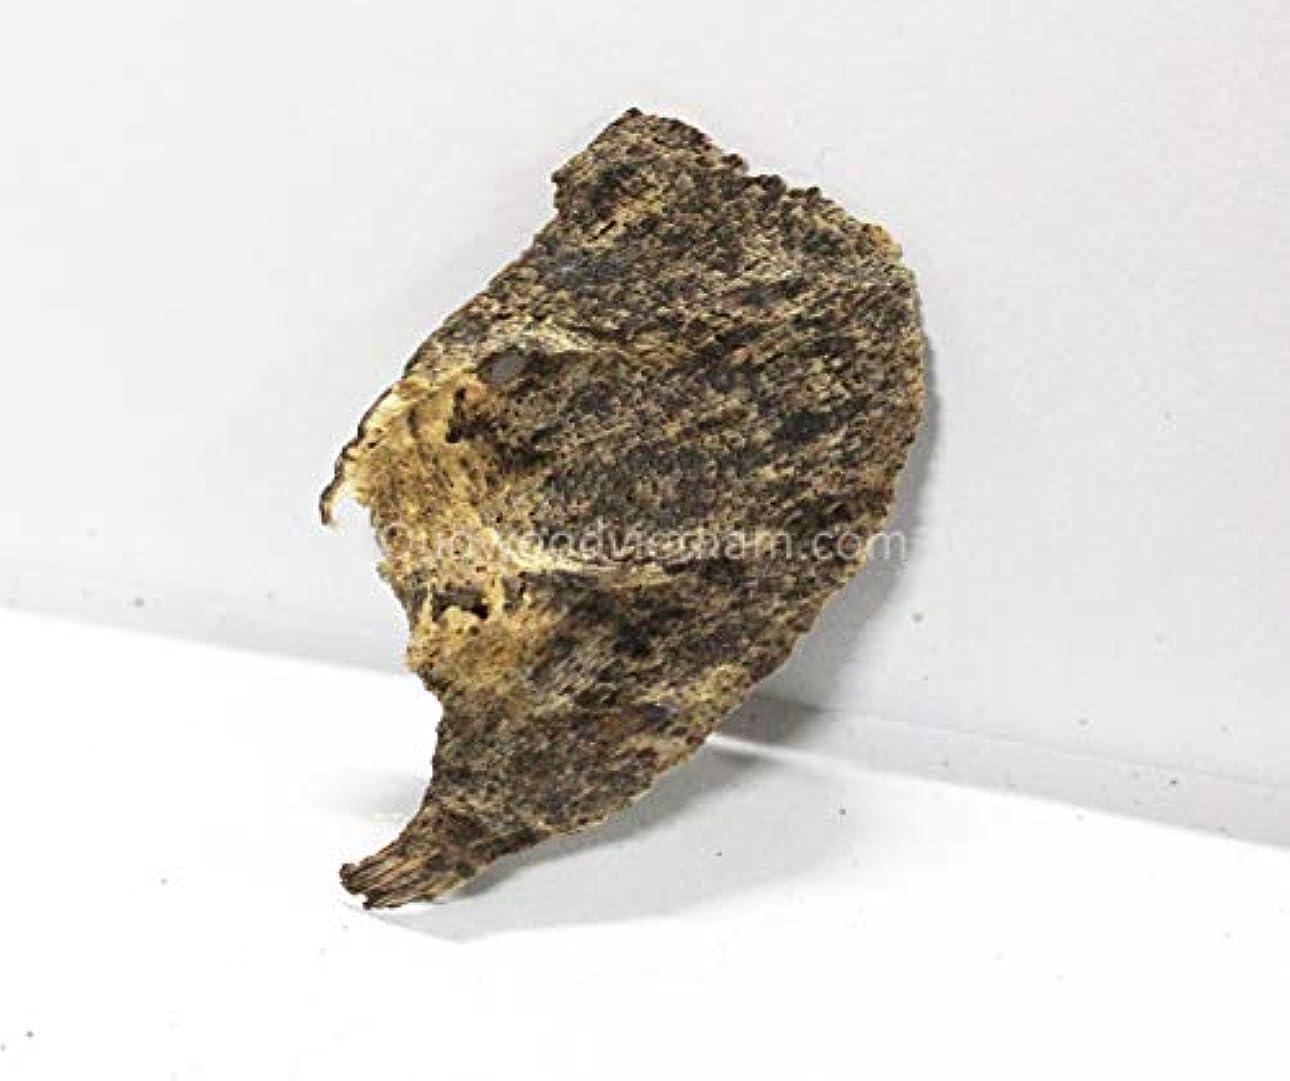 ヘルパーインセンティブクランシーアガーウッドチップ オウドチップス お香 アロマ ナチュラル ワイルド レア アガーウッド チップ オードウッド ベトナム 純素材 グレード A++ 50g